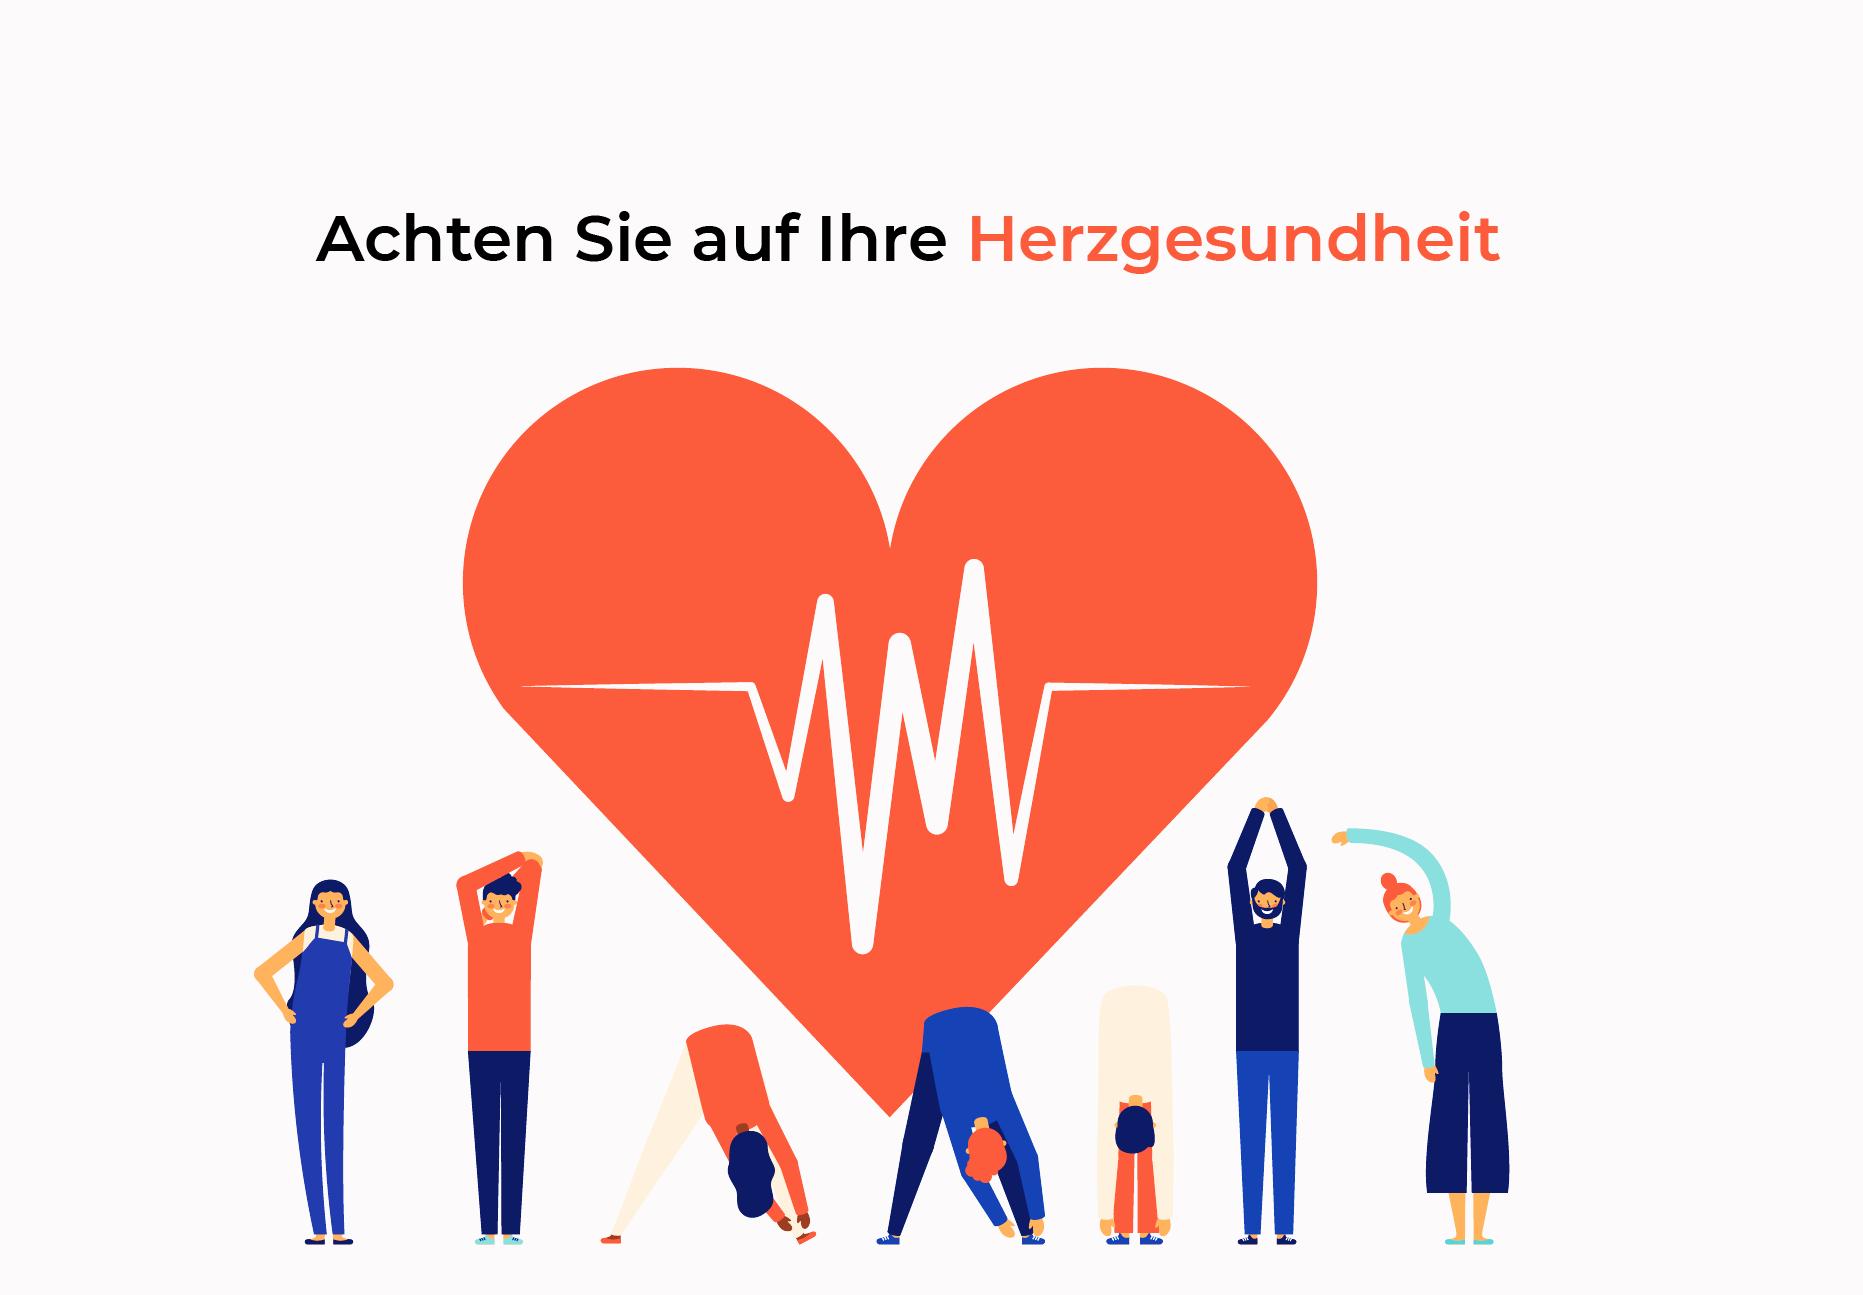 Achten Sie auf Ihre Herzgesundheit